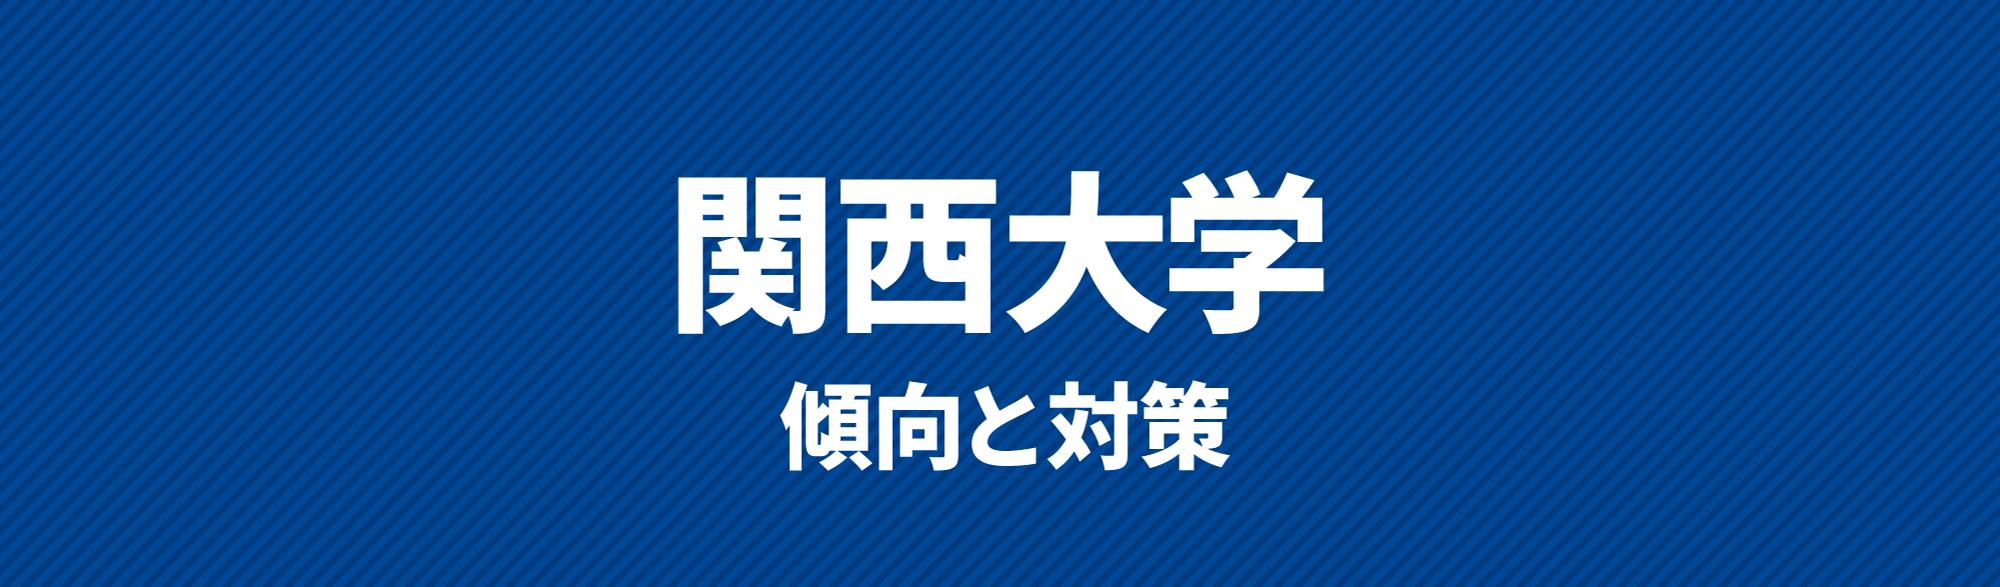 関西大学傾向と対策